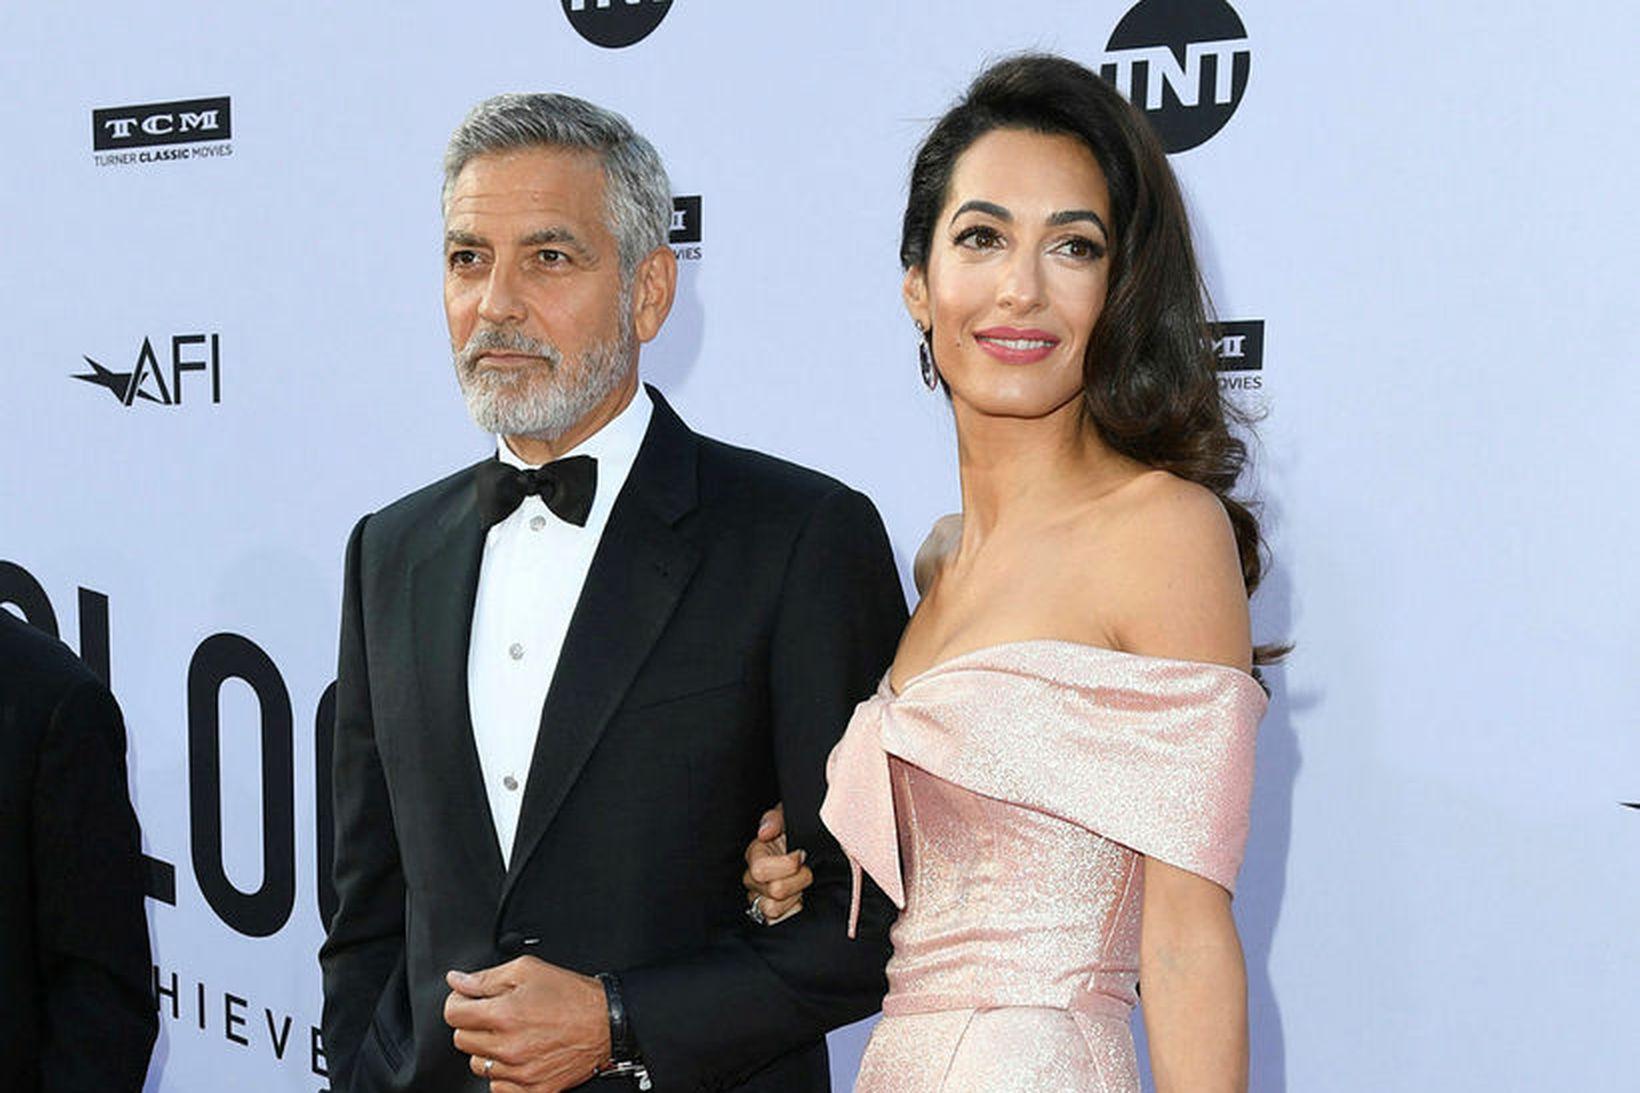 Amal Clooney hélt ræðu þegar George Clooney var heiðraður fyrir …